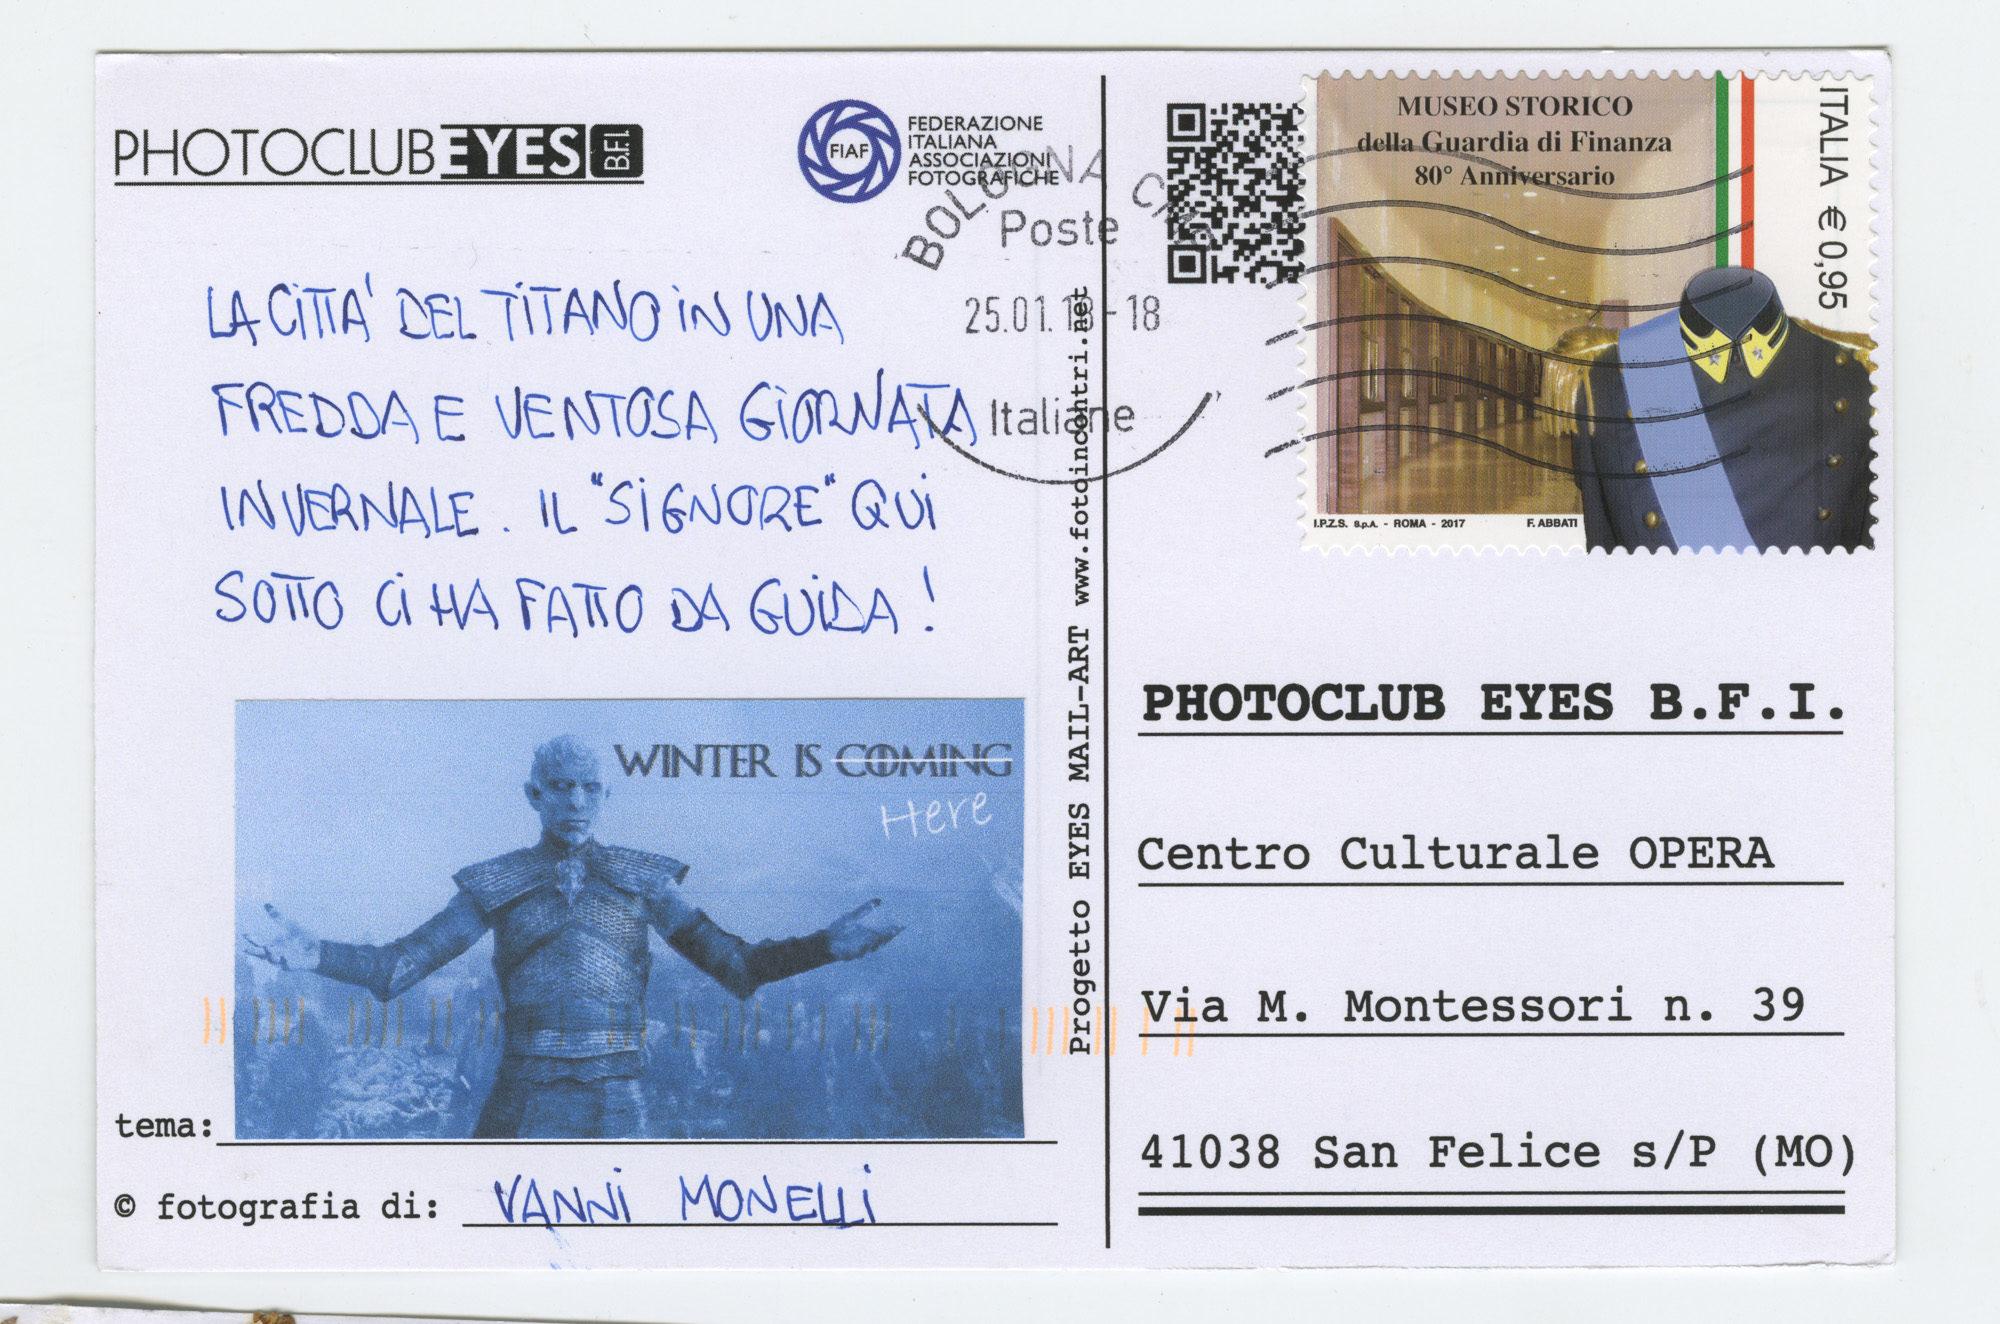 Vanni Monelli